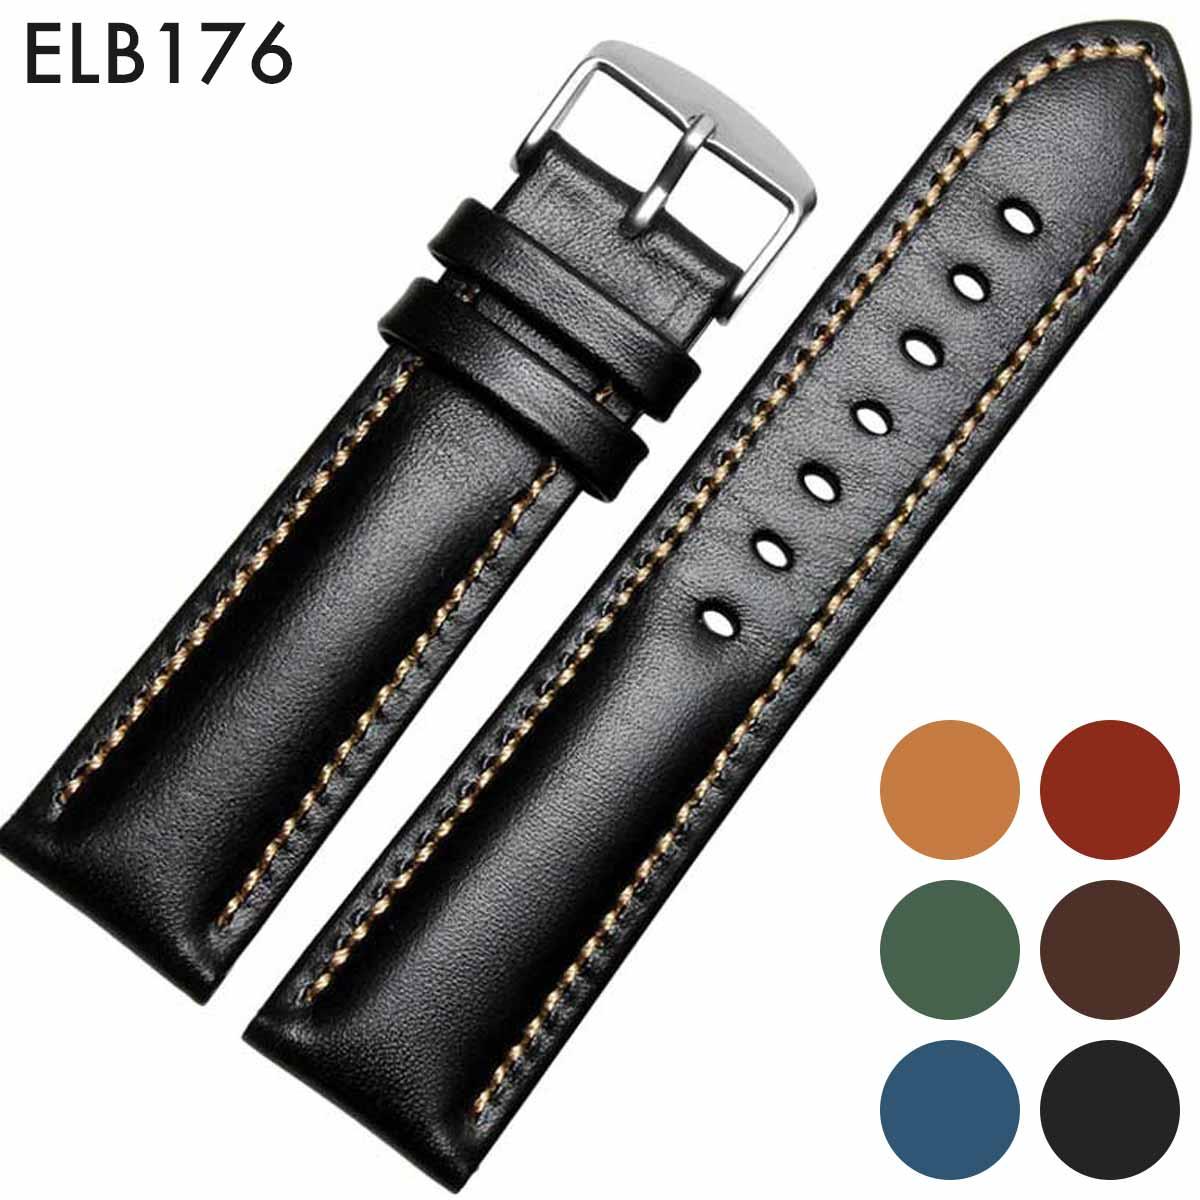 腕時計ベルト 腕時計バンド 替えストラップ 社外品 汎用レザーベルト 革ベルト 取付幅18mm/20mm/22mm 適用: OMEGA オメガ、HAMILTON ハミルトン、CITIZEN シチズン (尾錠)ピンバックル付き [ Eight - ELB176 ]